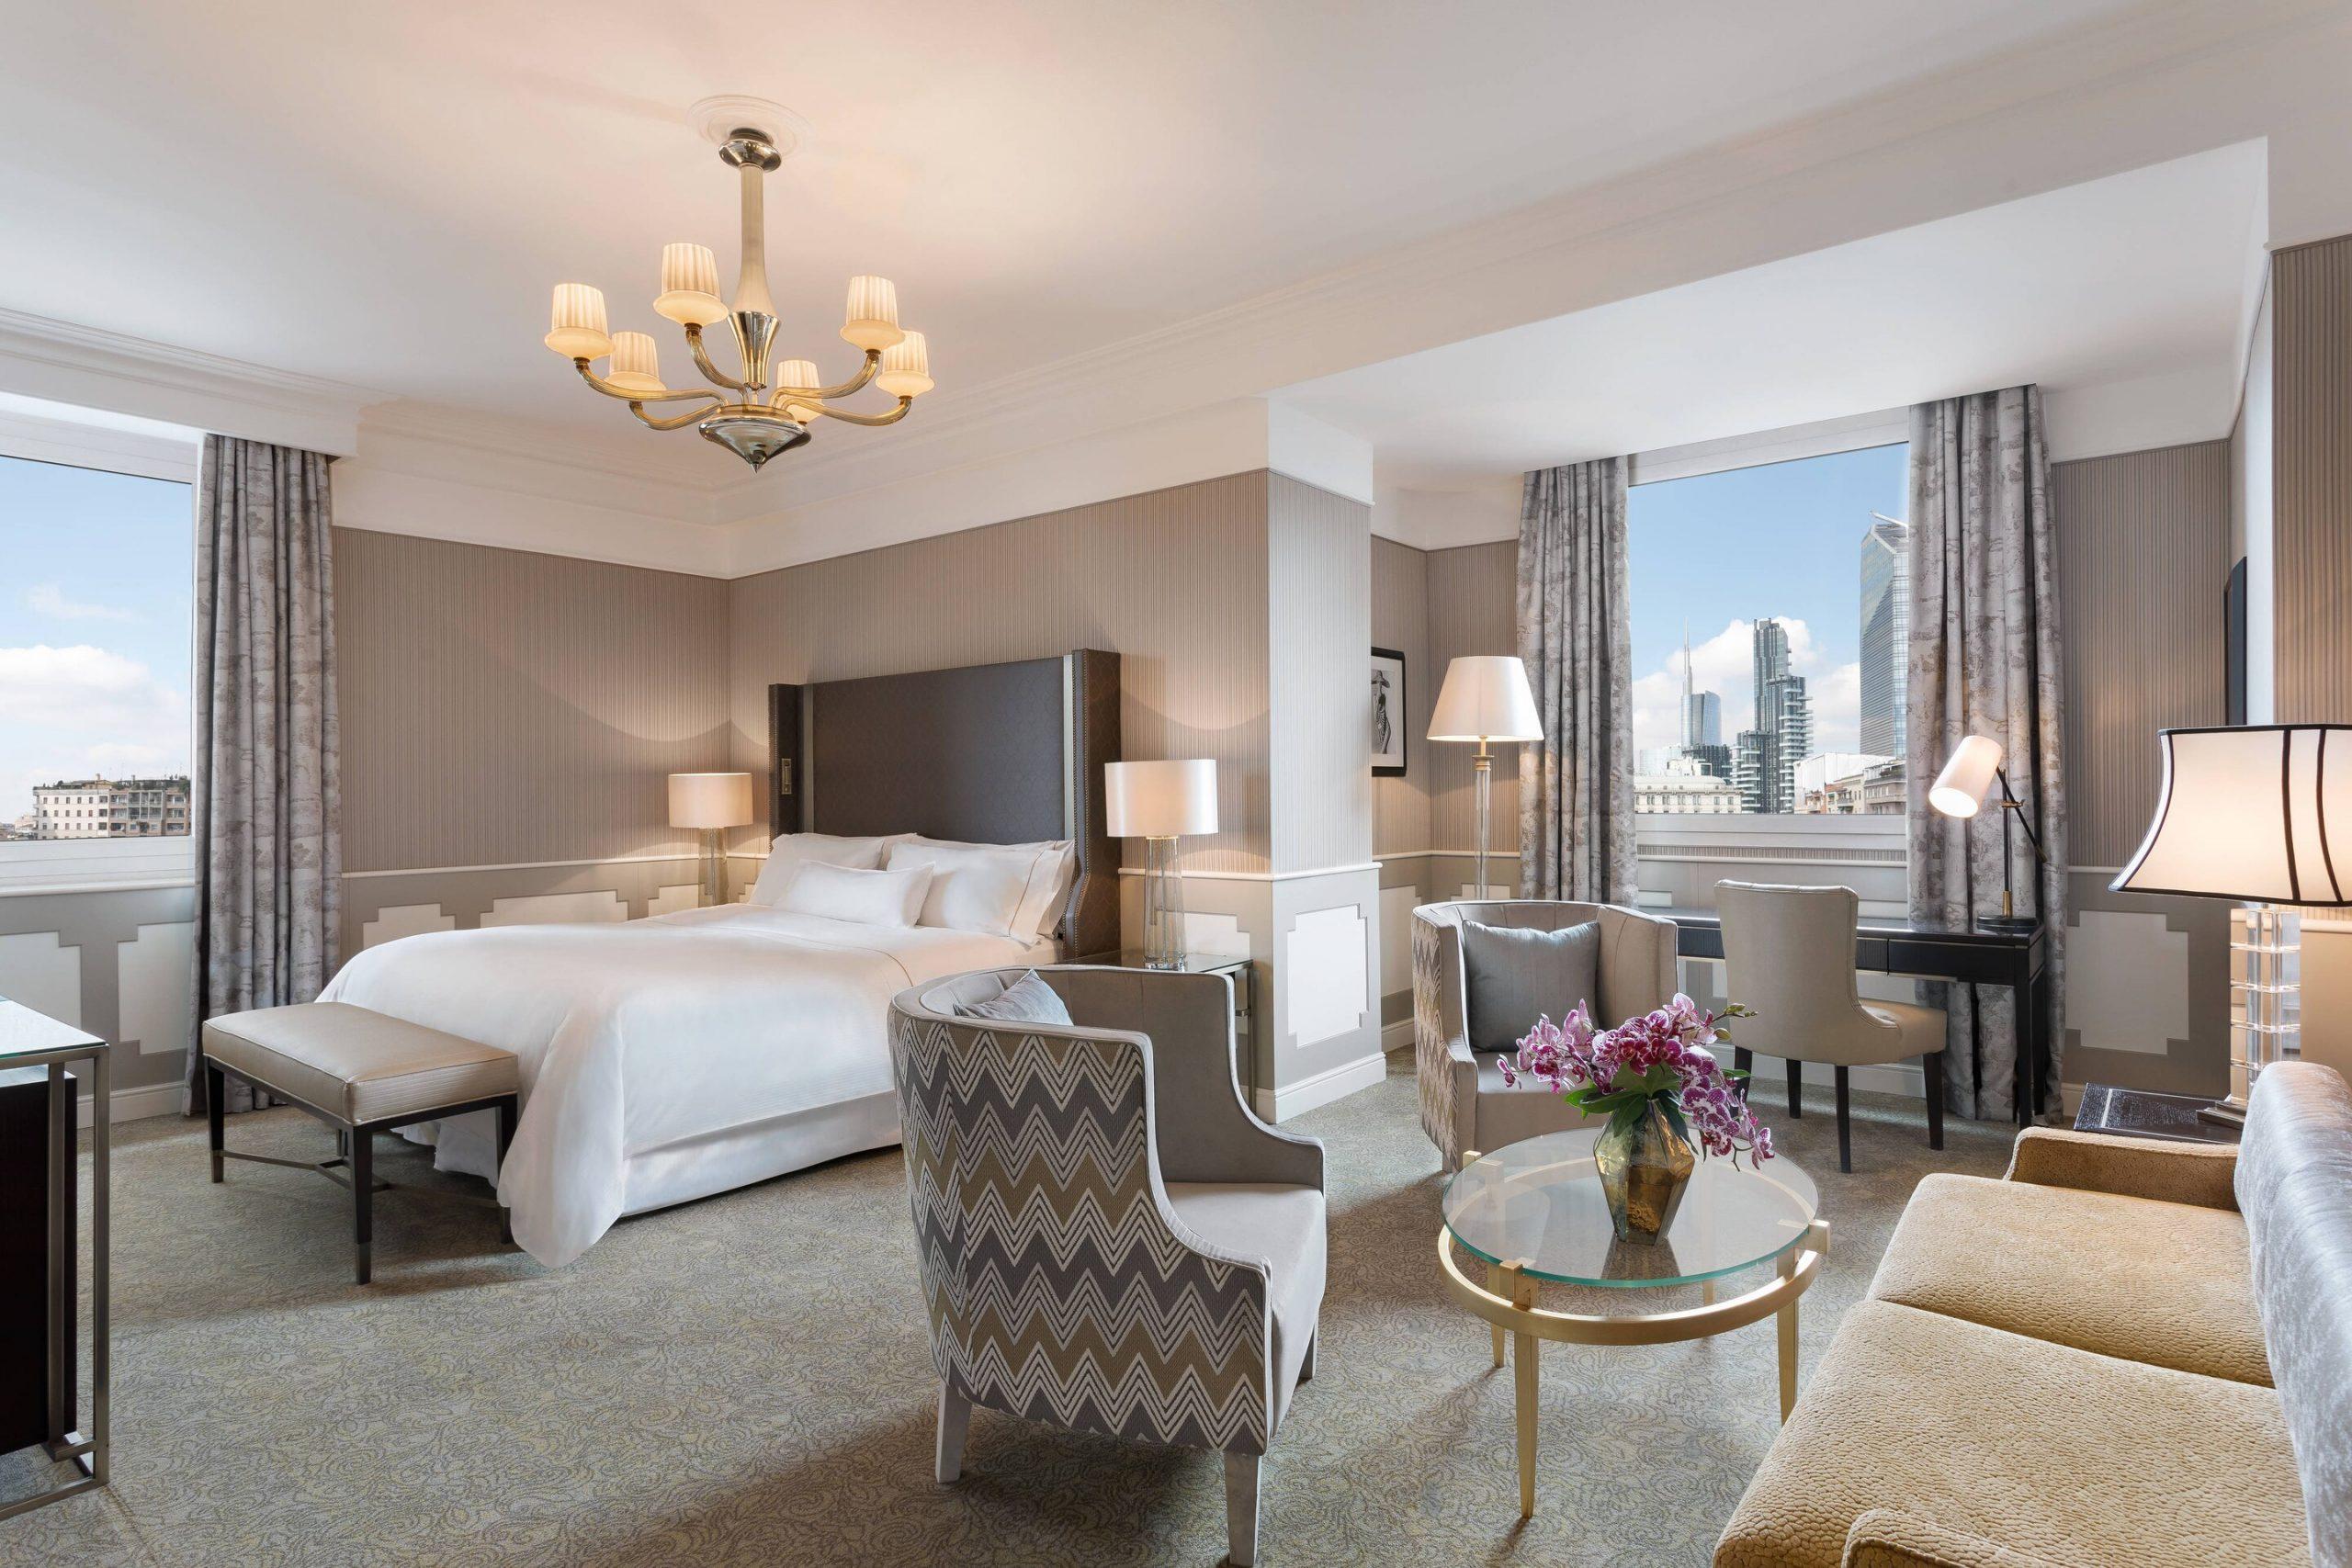 milwi-contemporary-guestroom-7927-hor-clsc